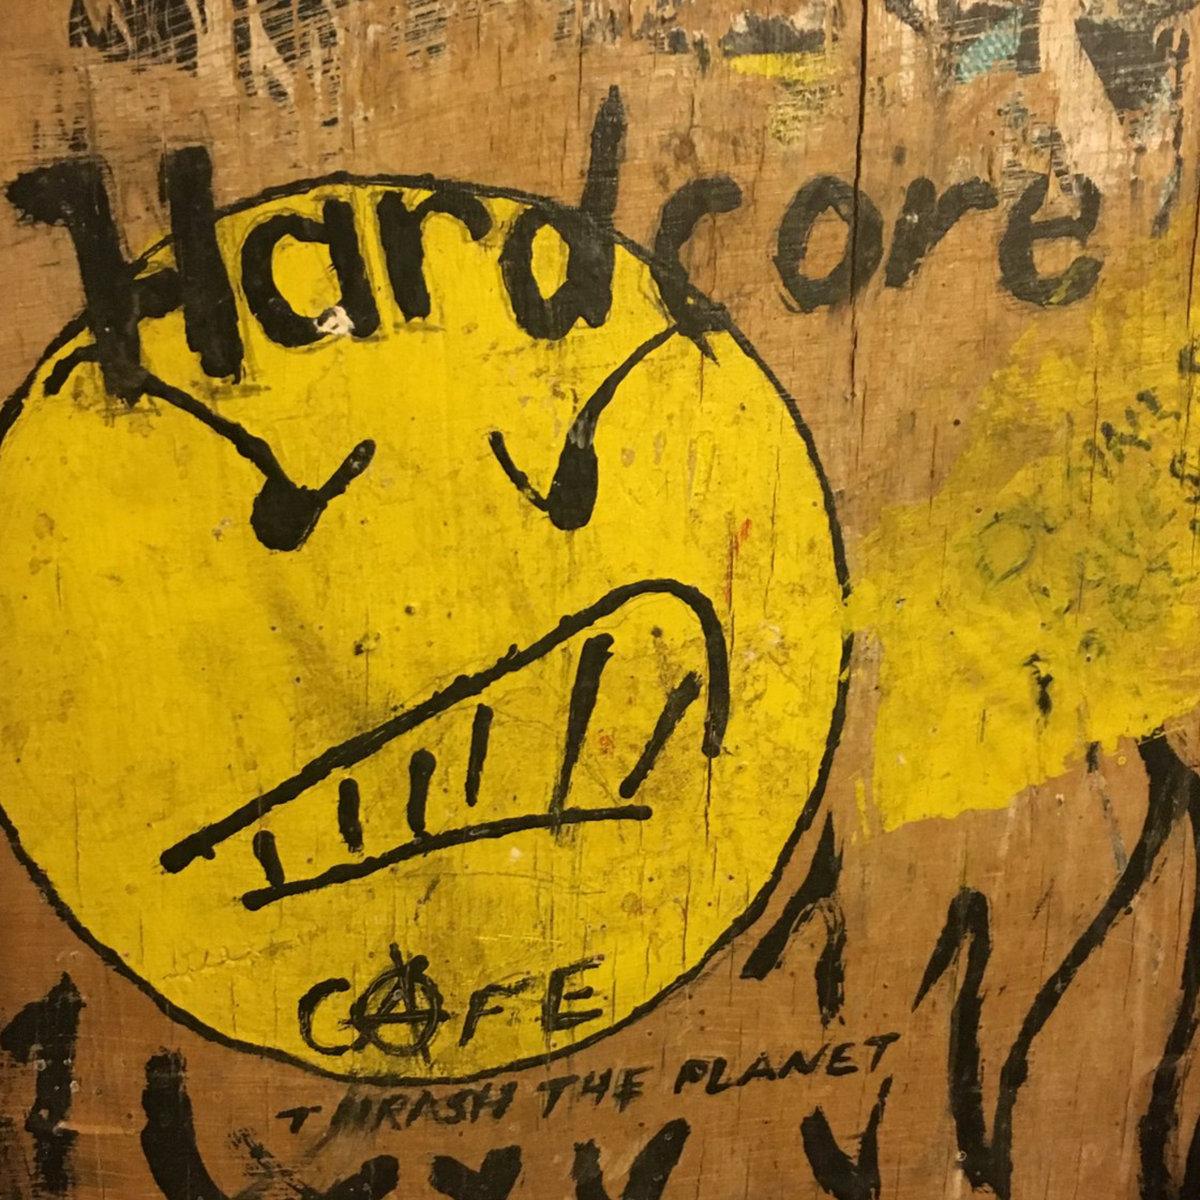 Hardcore cafe #9